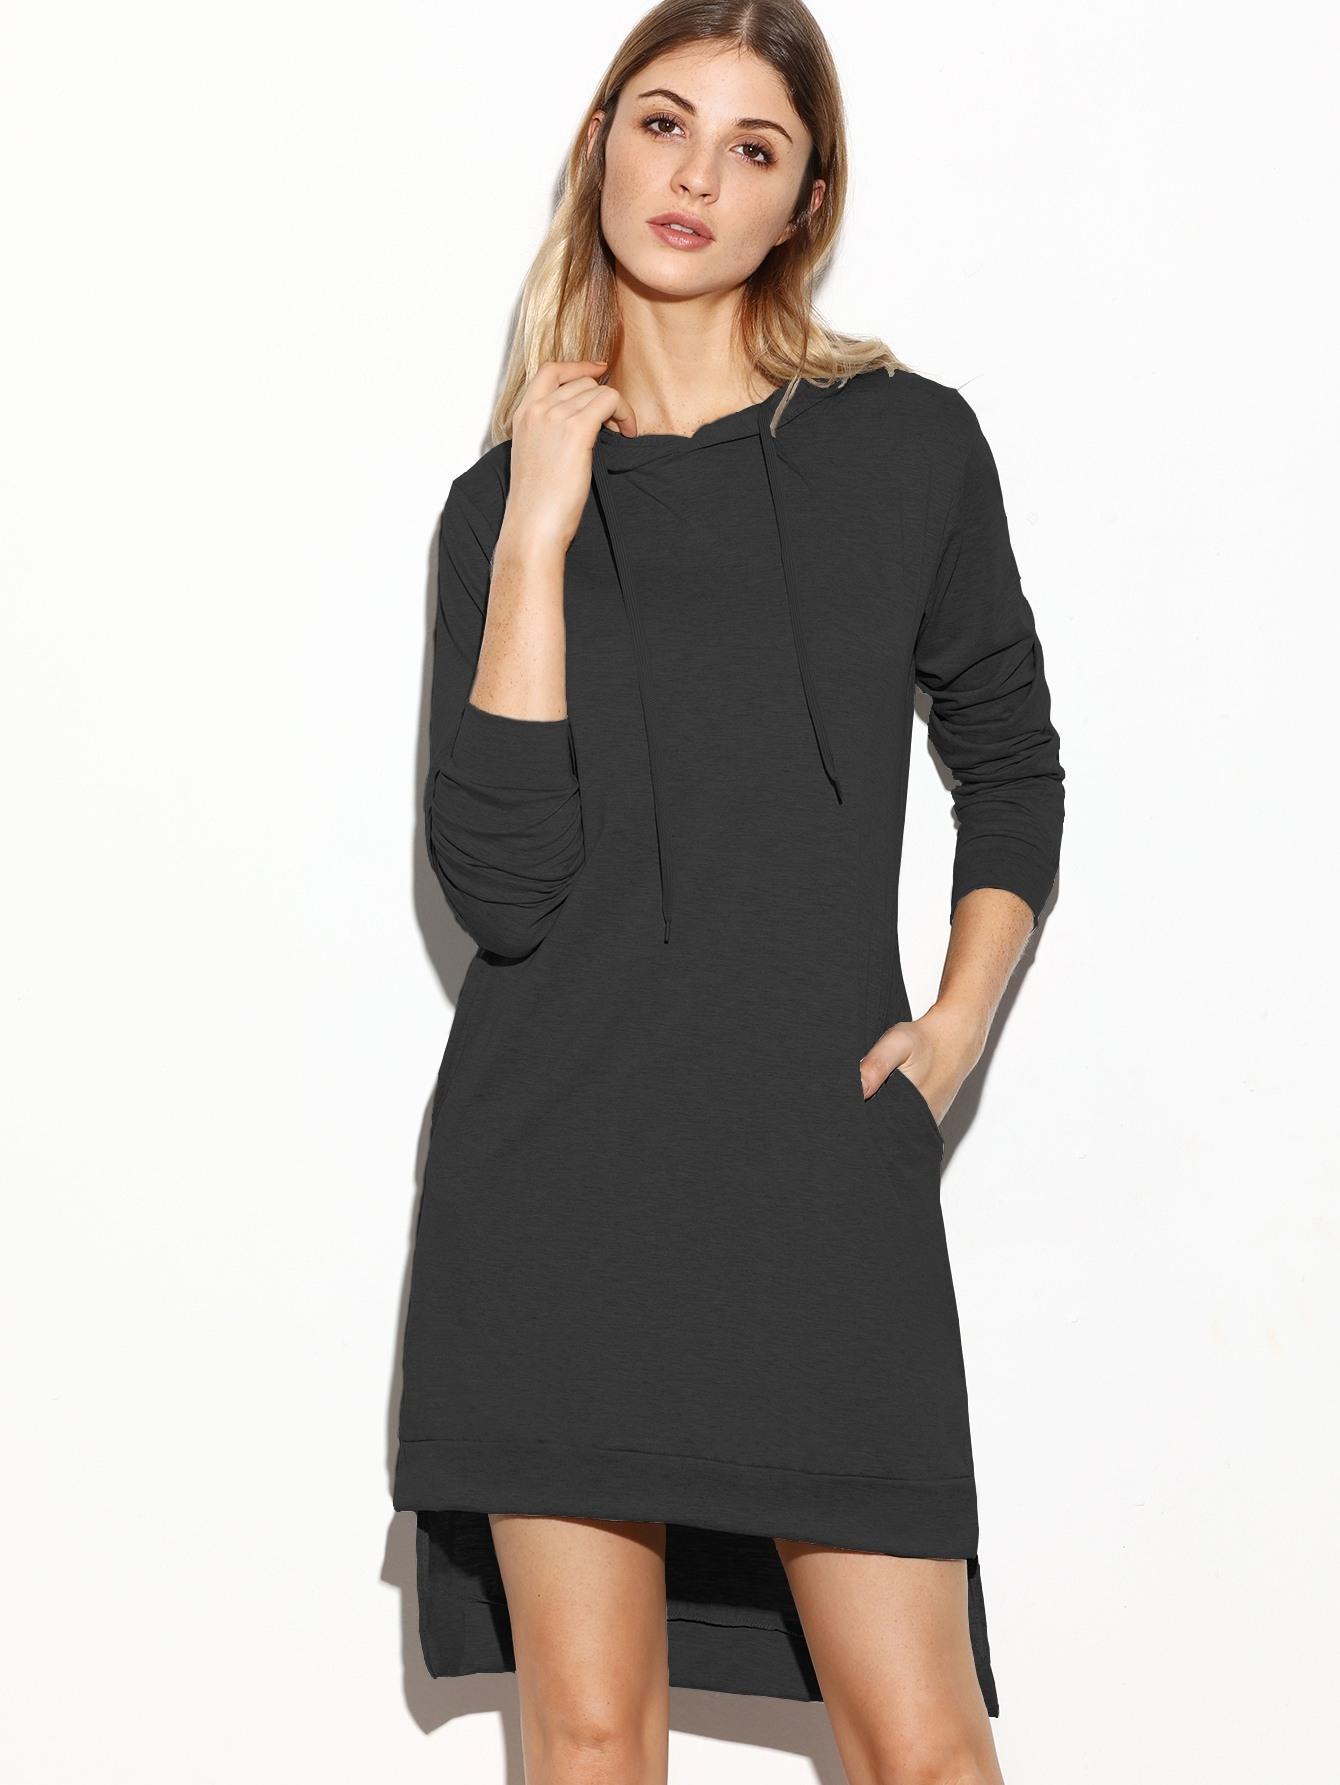 15 Schön Schwarzes Kleid Kurz Langarm für 2019Abend Genial Schwarzes Kleid Kurz Langarm Stylish